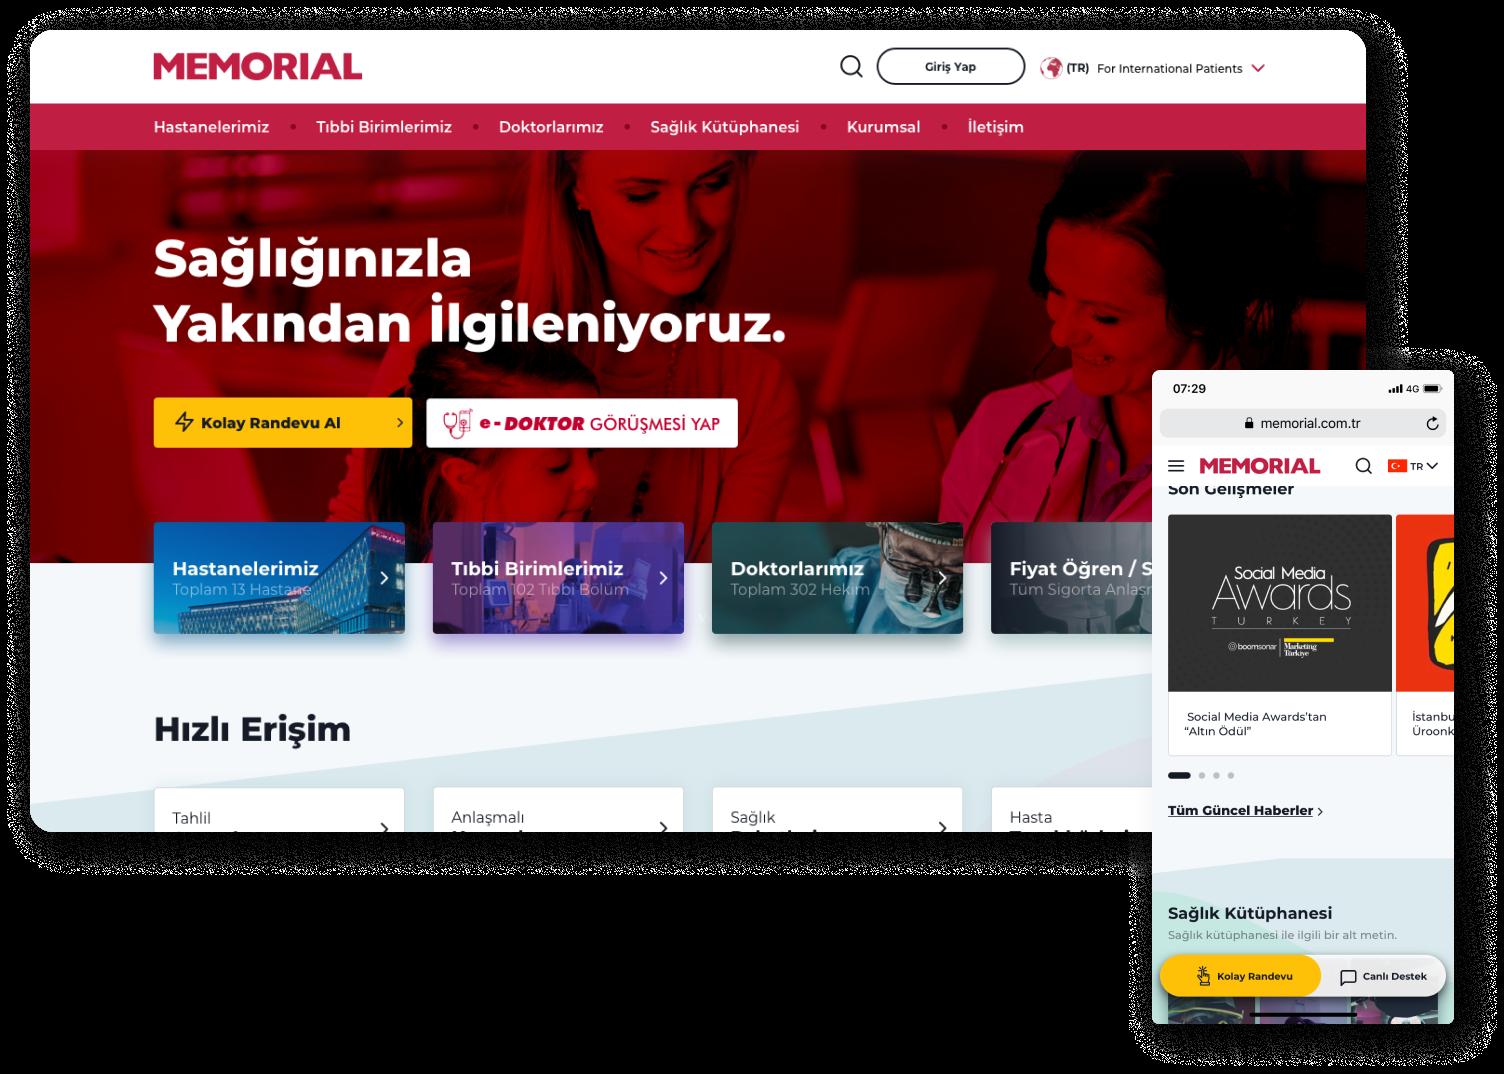 memorial web site